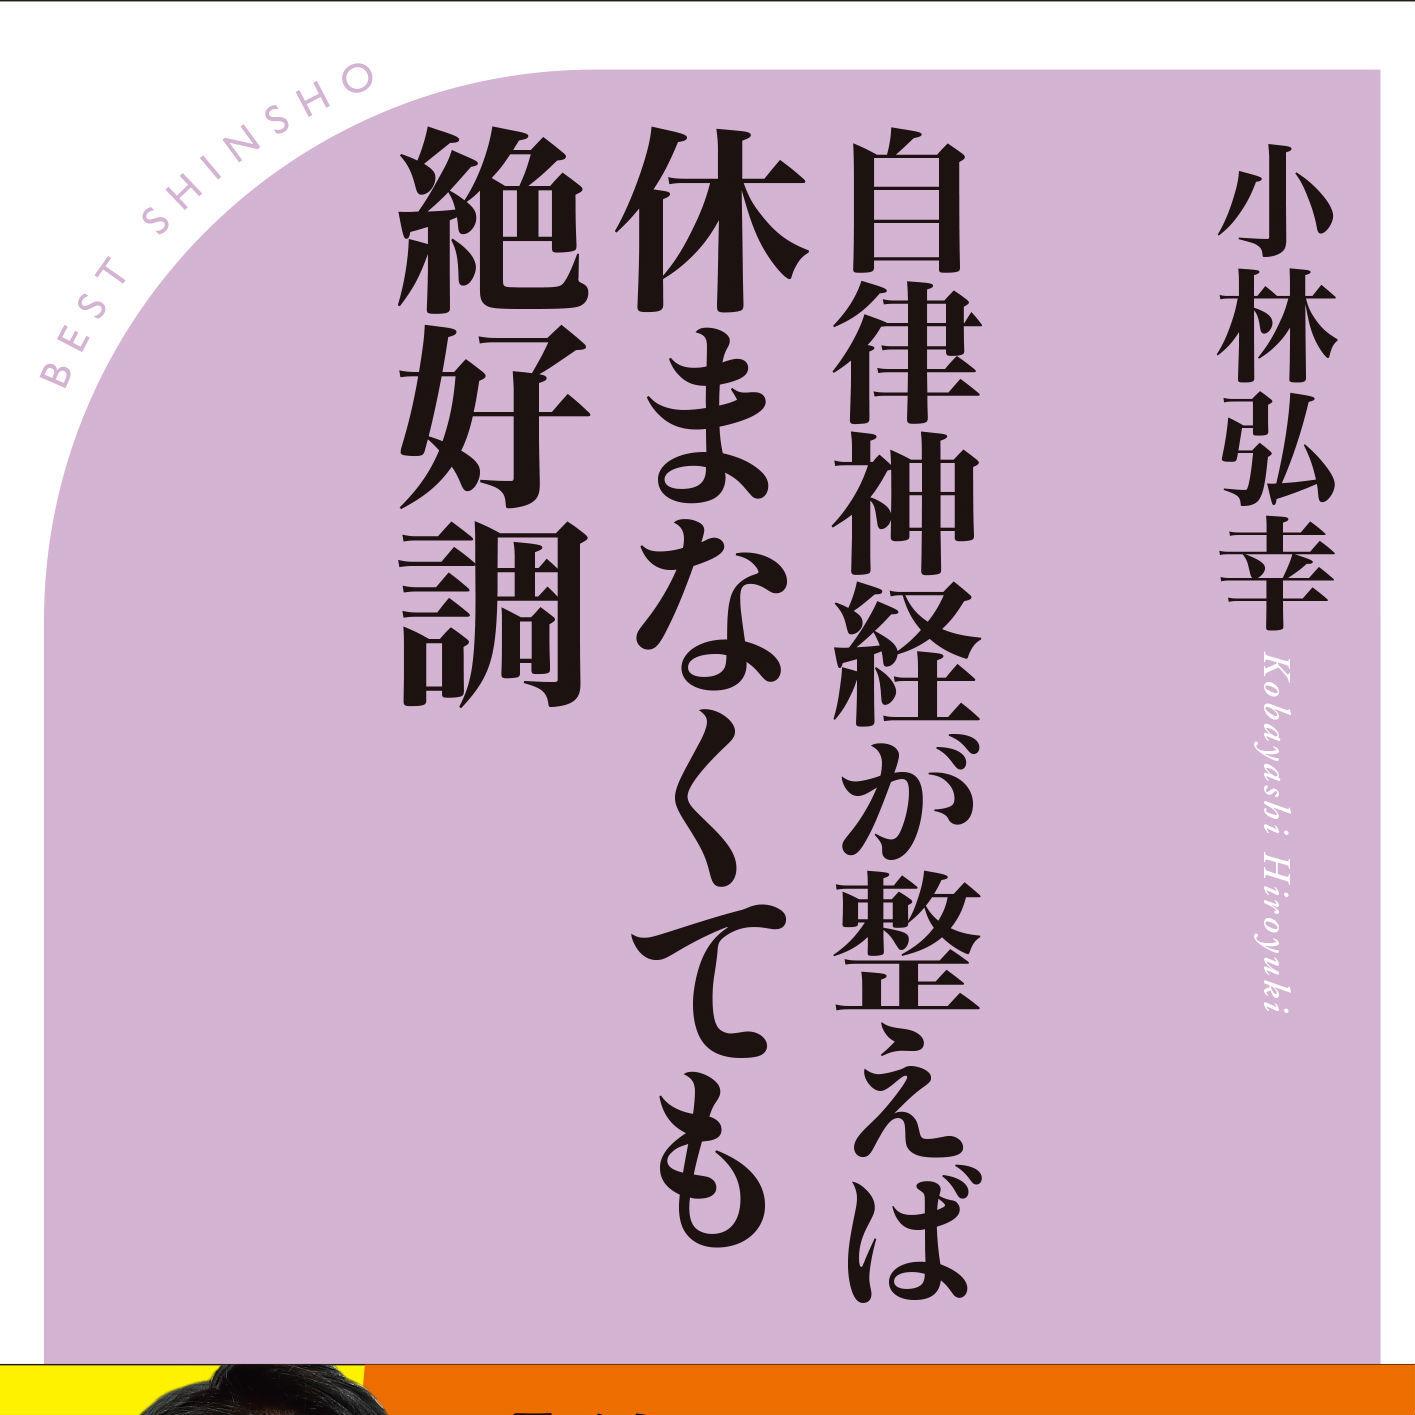 休めないのは会社のせいでなく自分のせいだった!? 自律神経研究の第一人者が教える日本人の休み方とは?